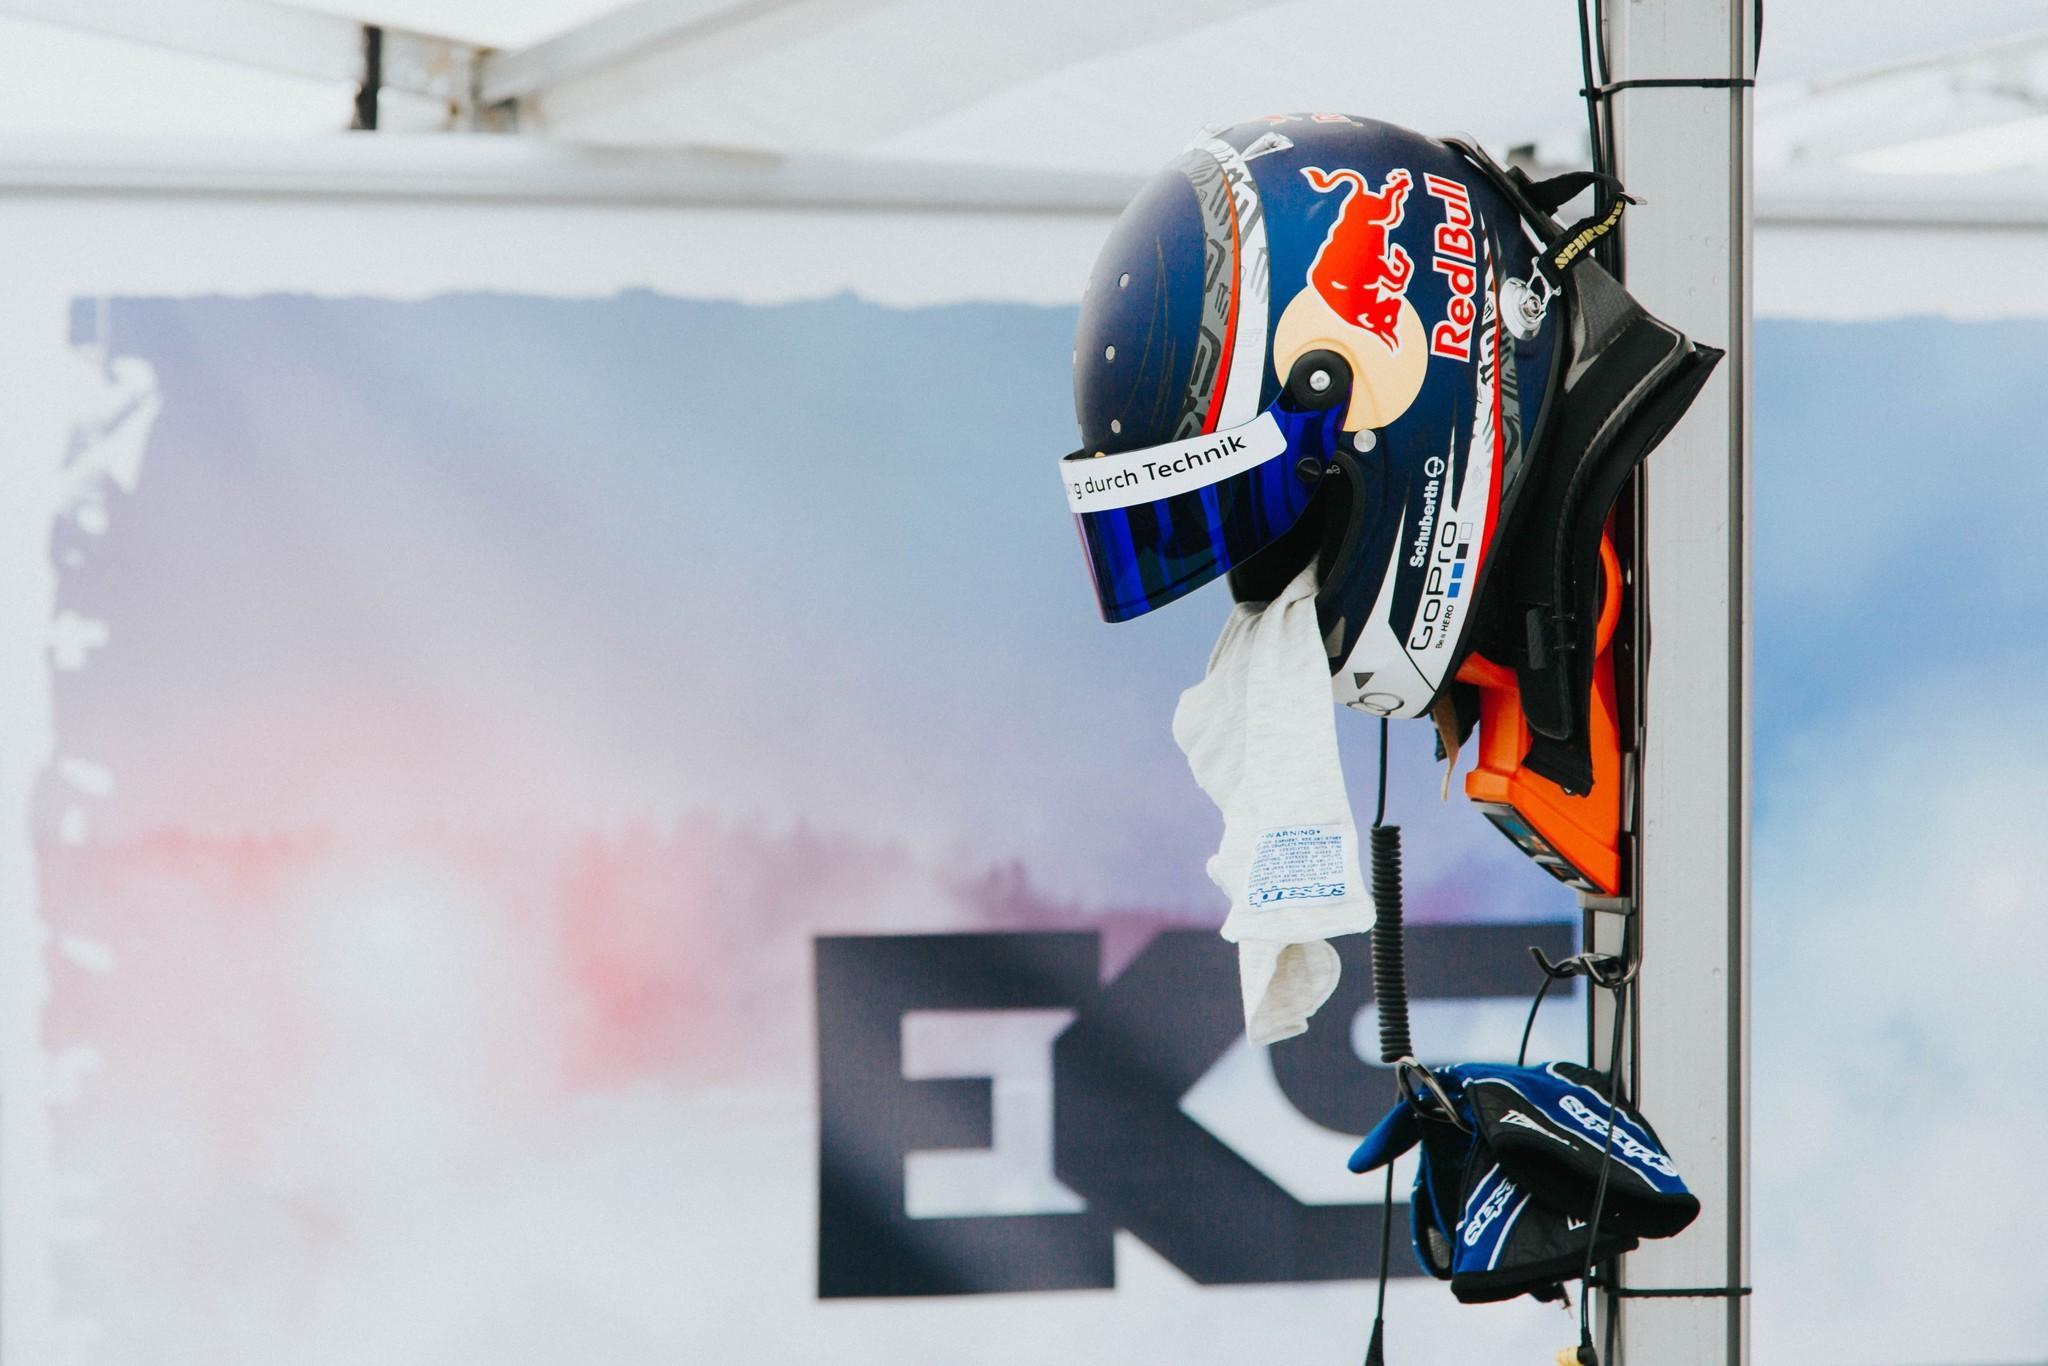 Wie wordt in 2021 teamgenoot van Max Verstappen?